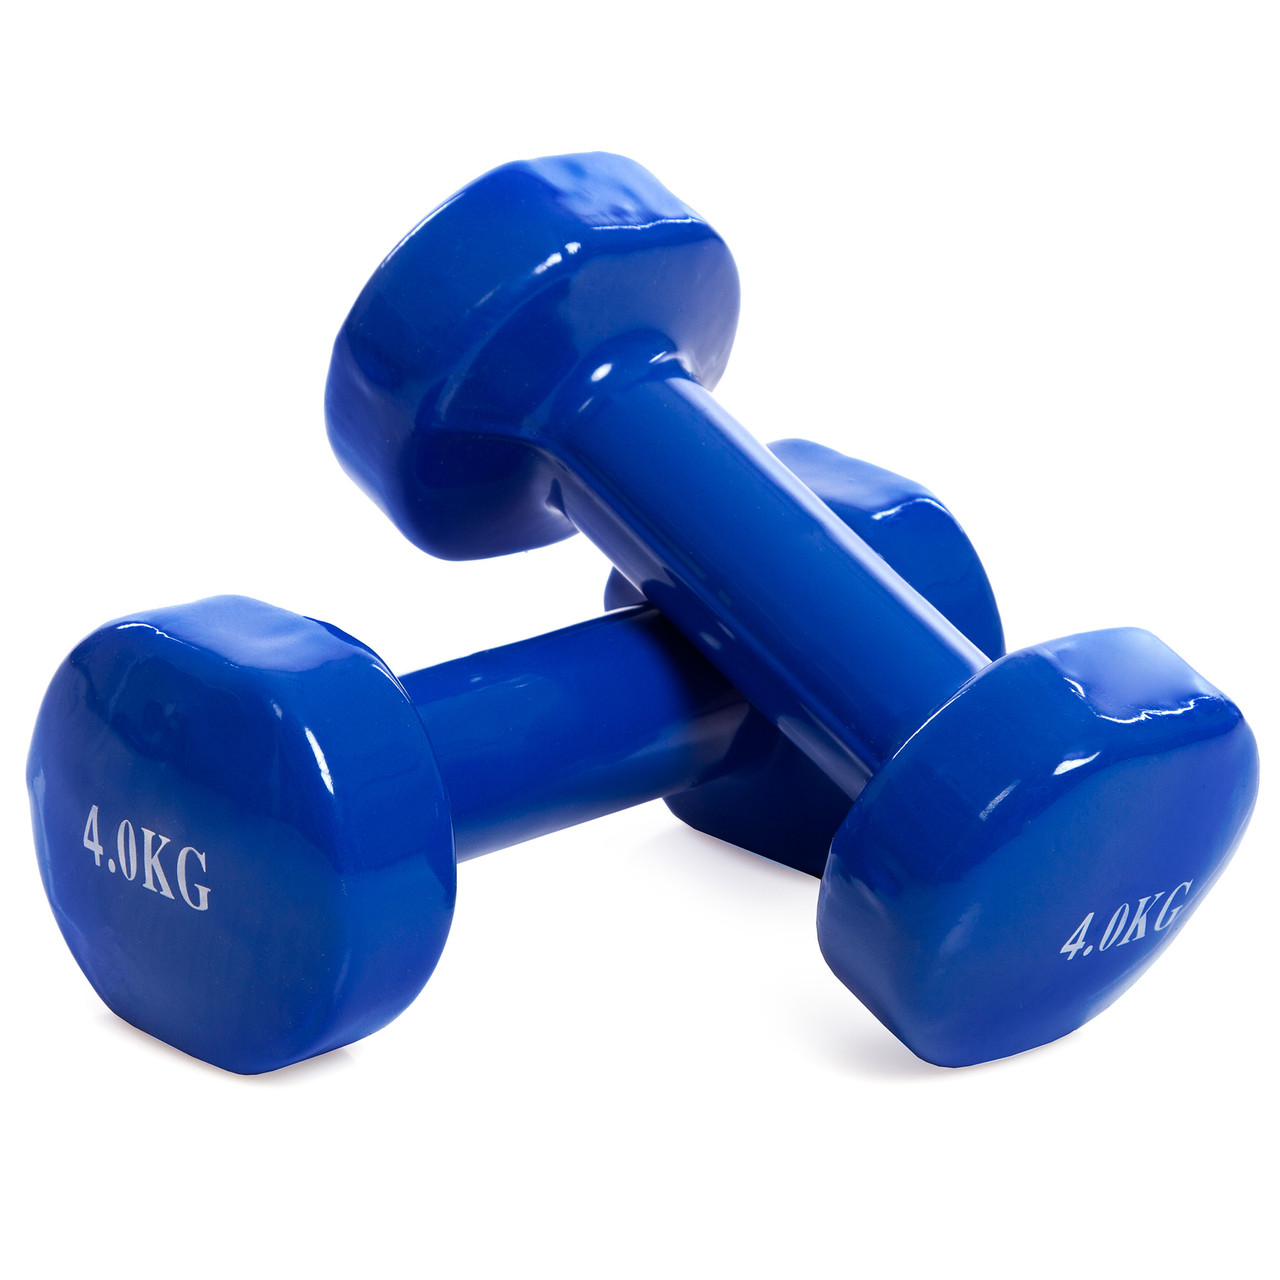 Гантели для фитнеса с виниловым покрытием SP-Planeta Радуга (2x4кг) (2шт, синий)